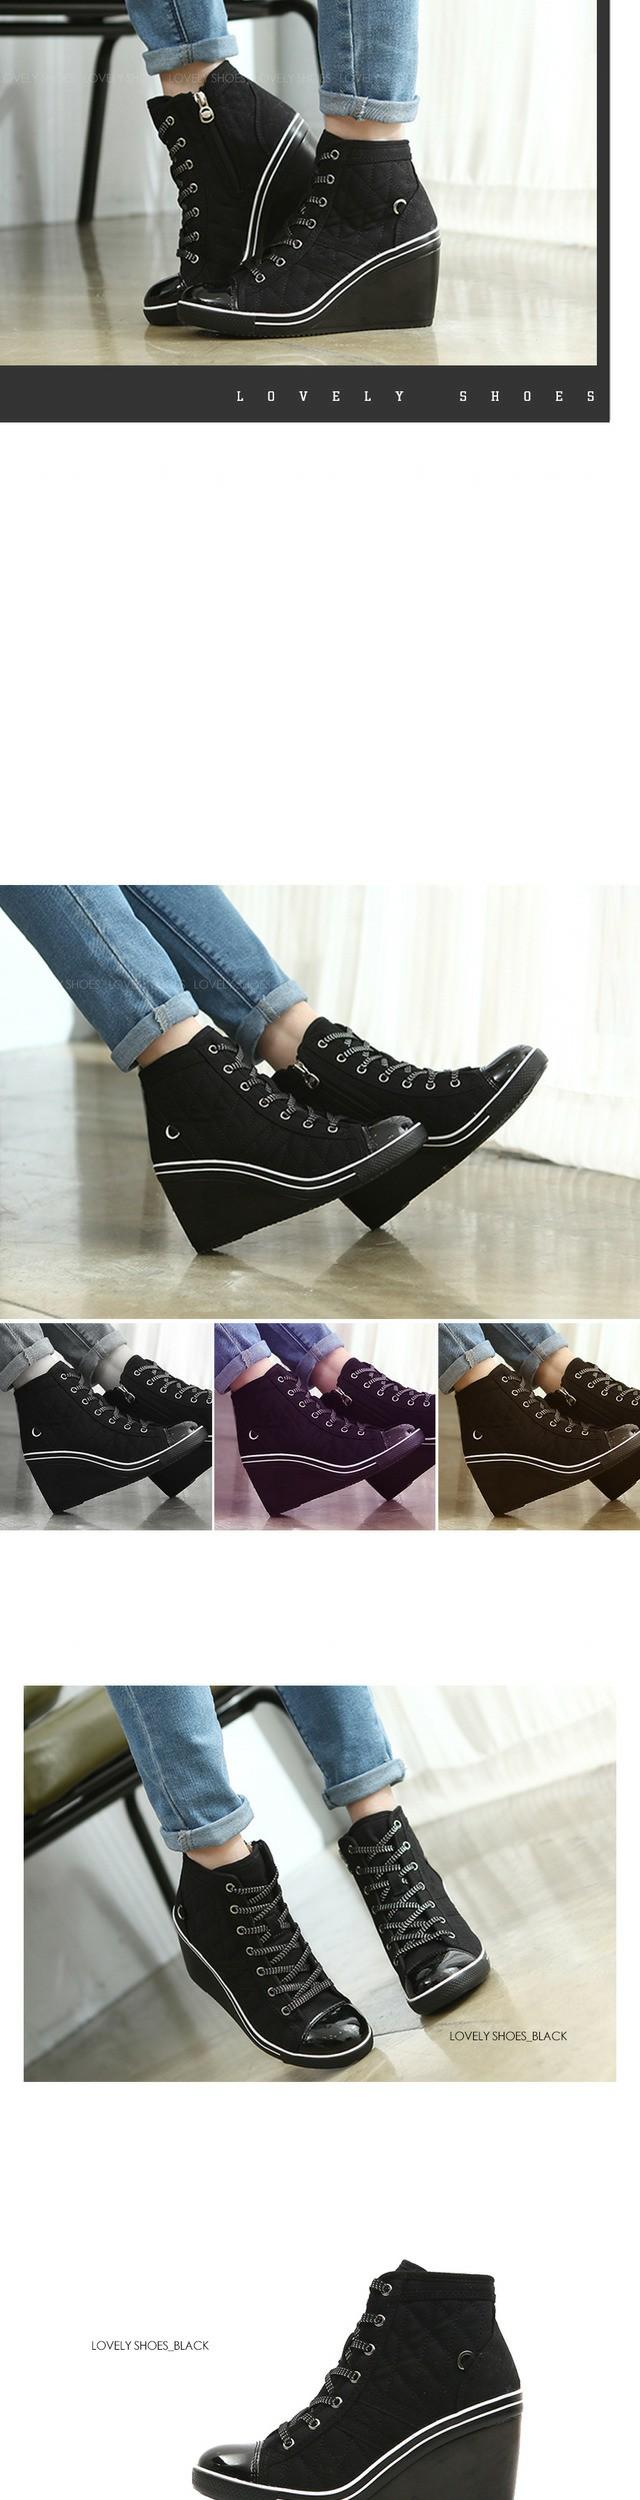 Skiie Wedge Hill Sneakers 9cm